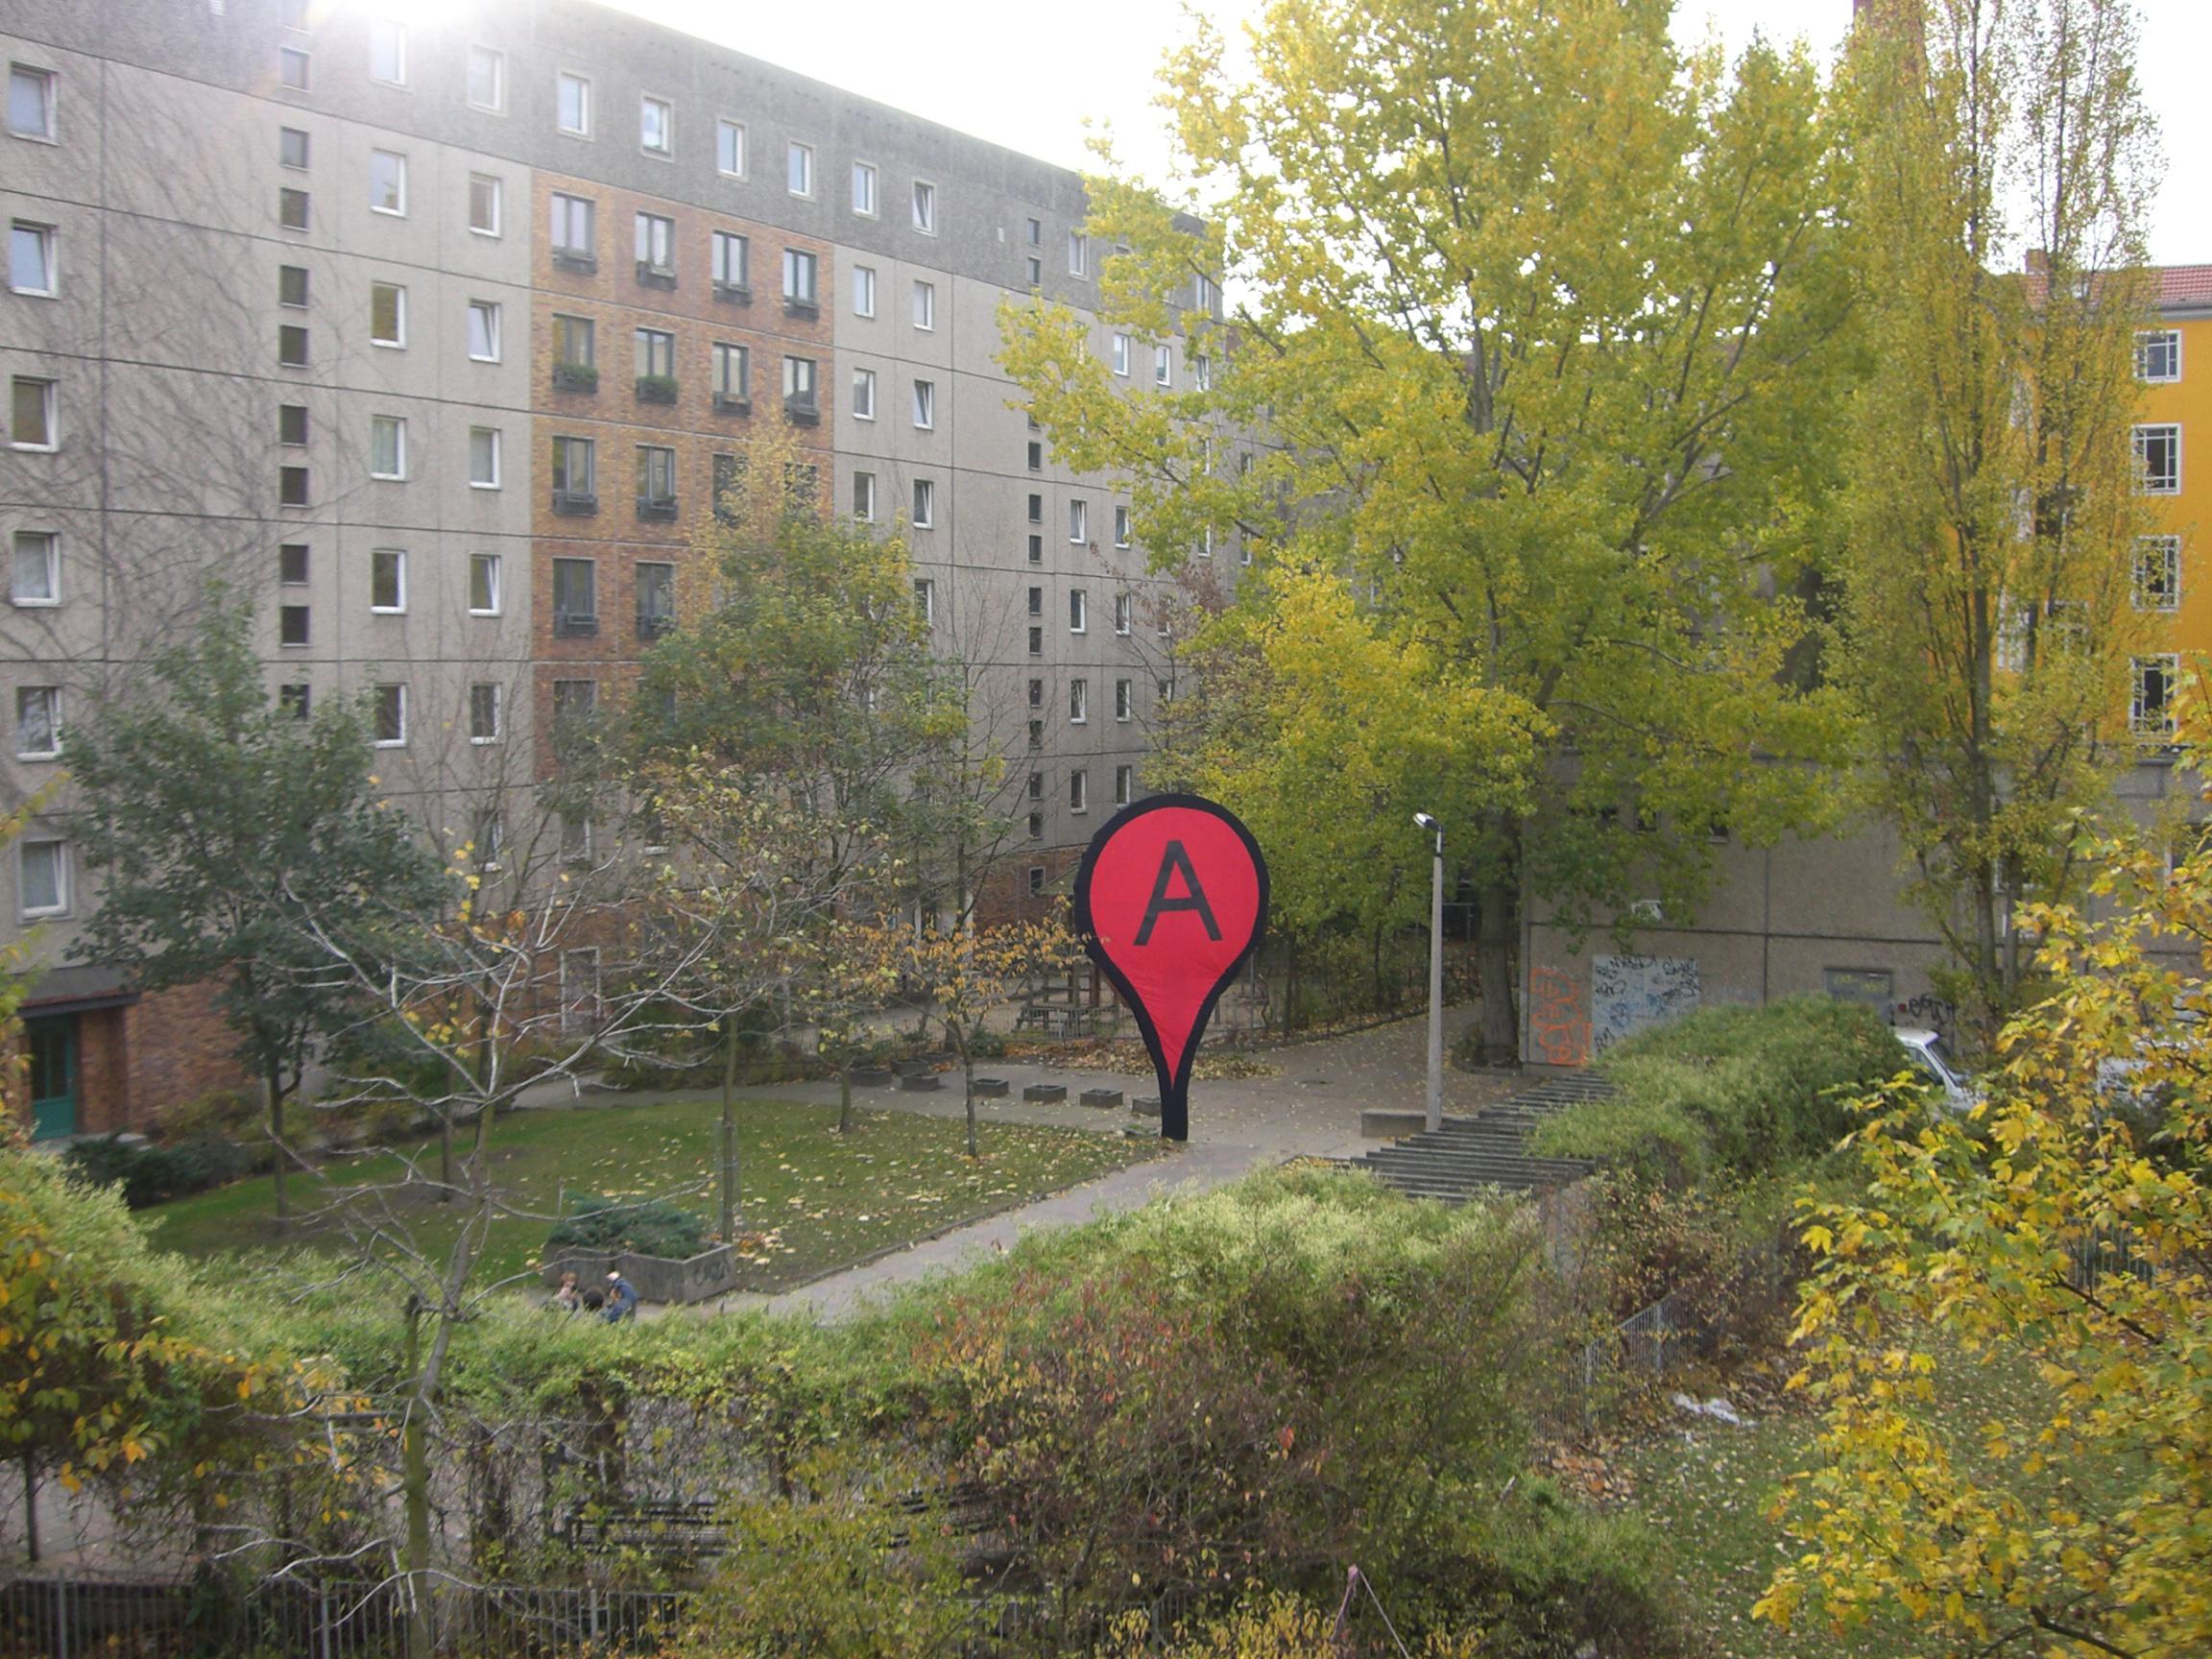 map-pin-aram-bartholl-2006-berlin